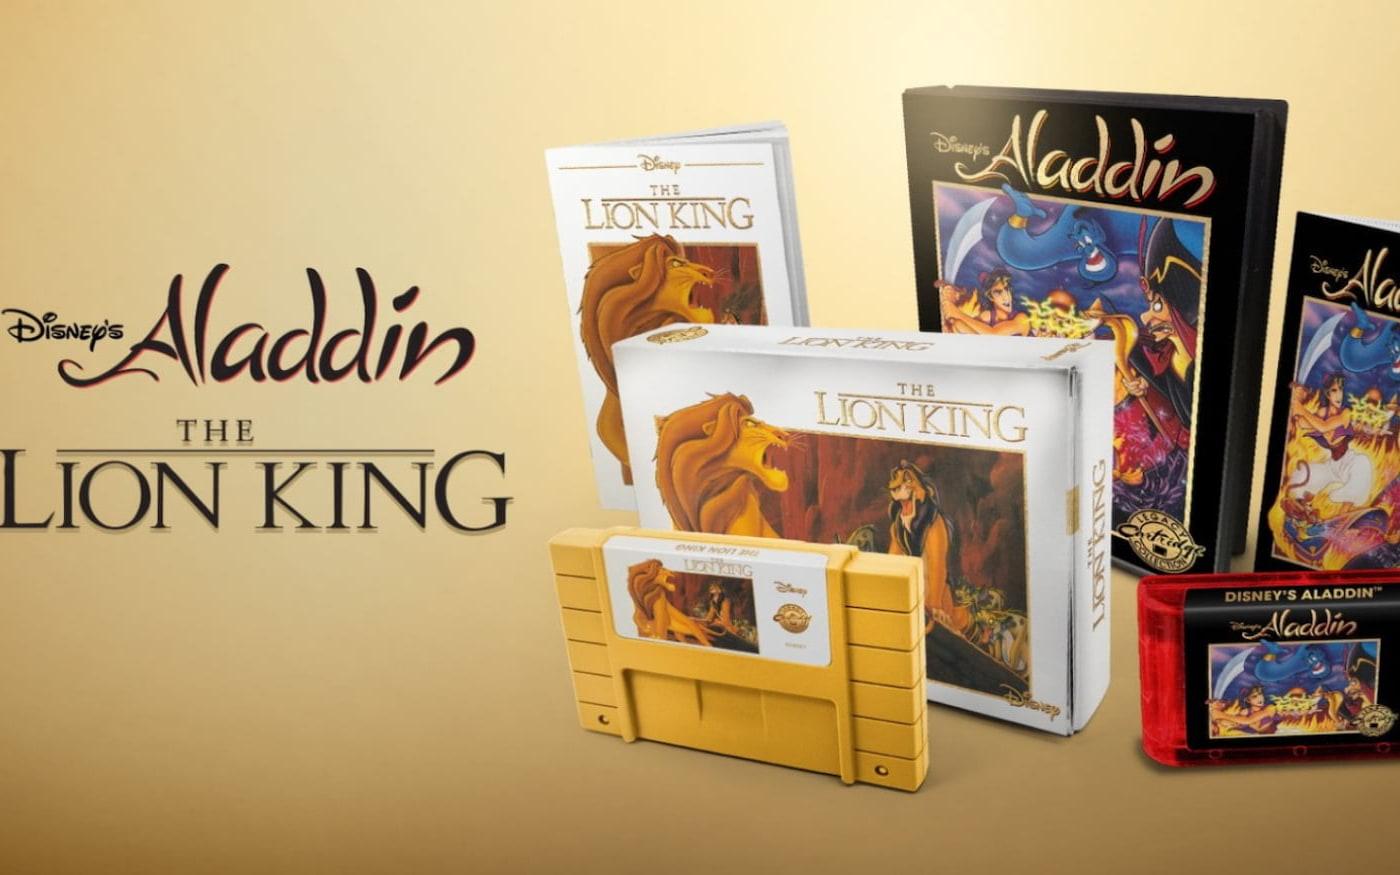 [Aladdin e Rei Leão] Os games clássicos da Disney serão relançados em sua mídia original